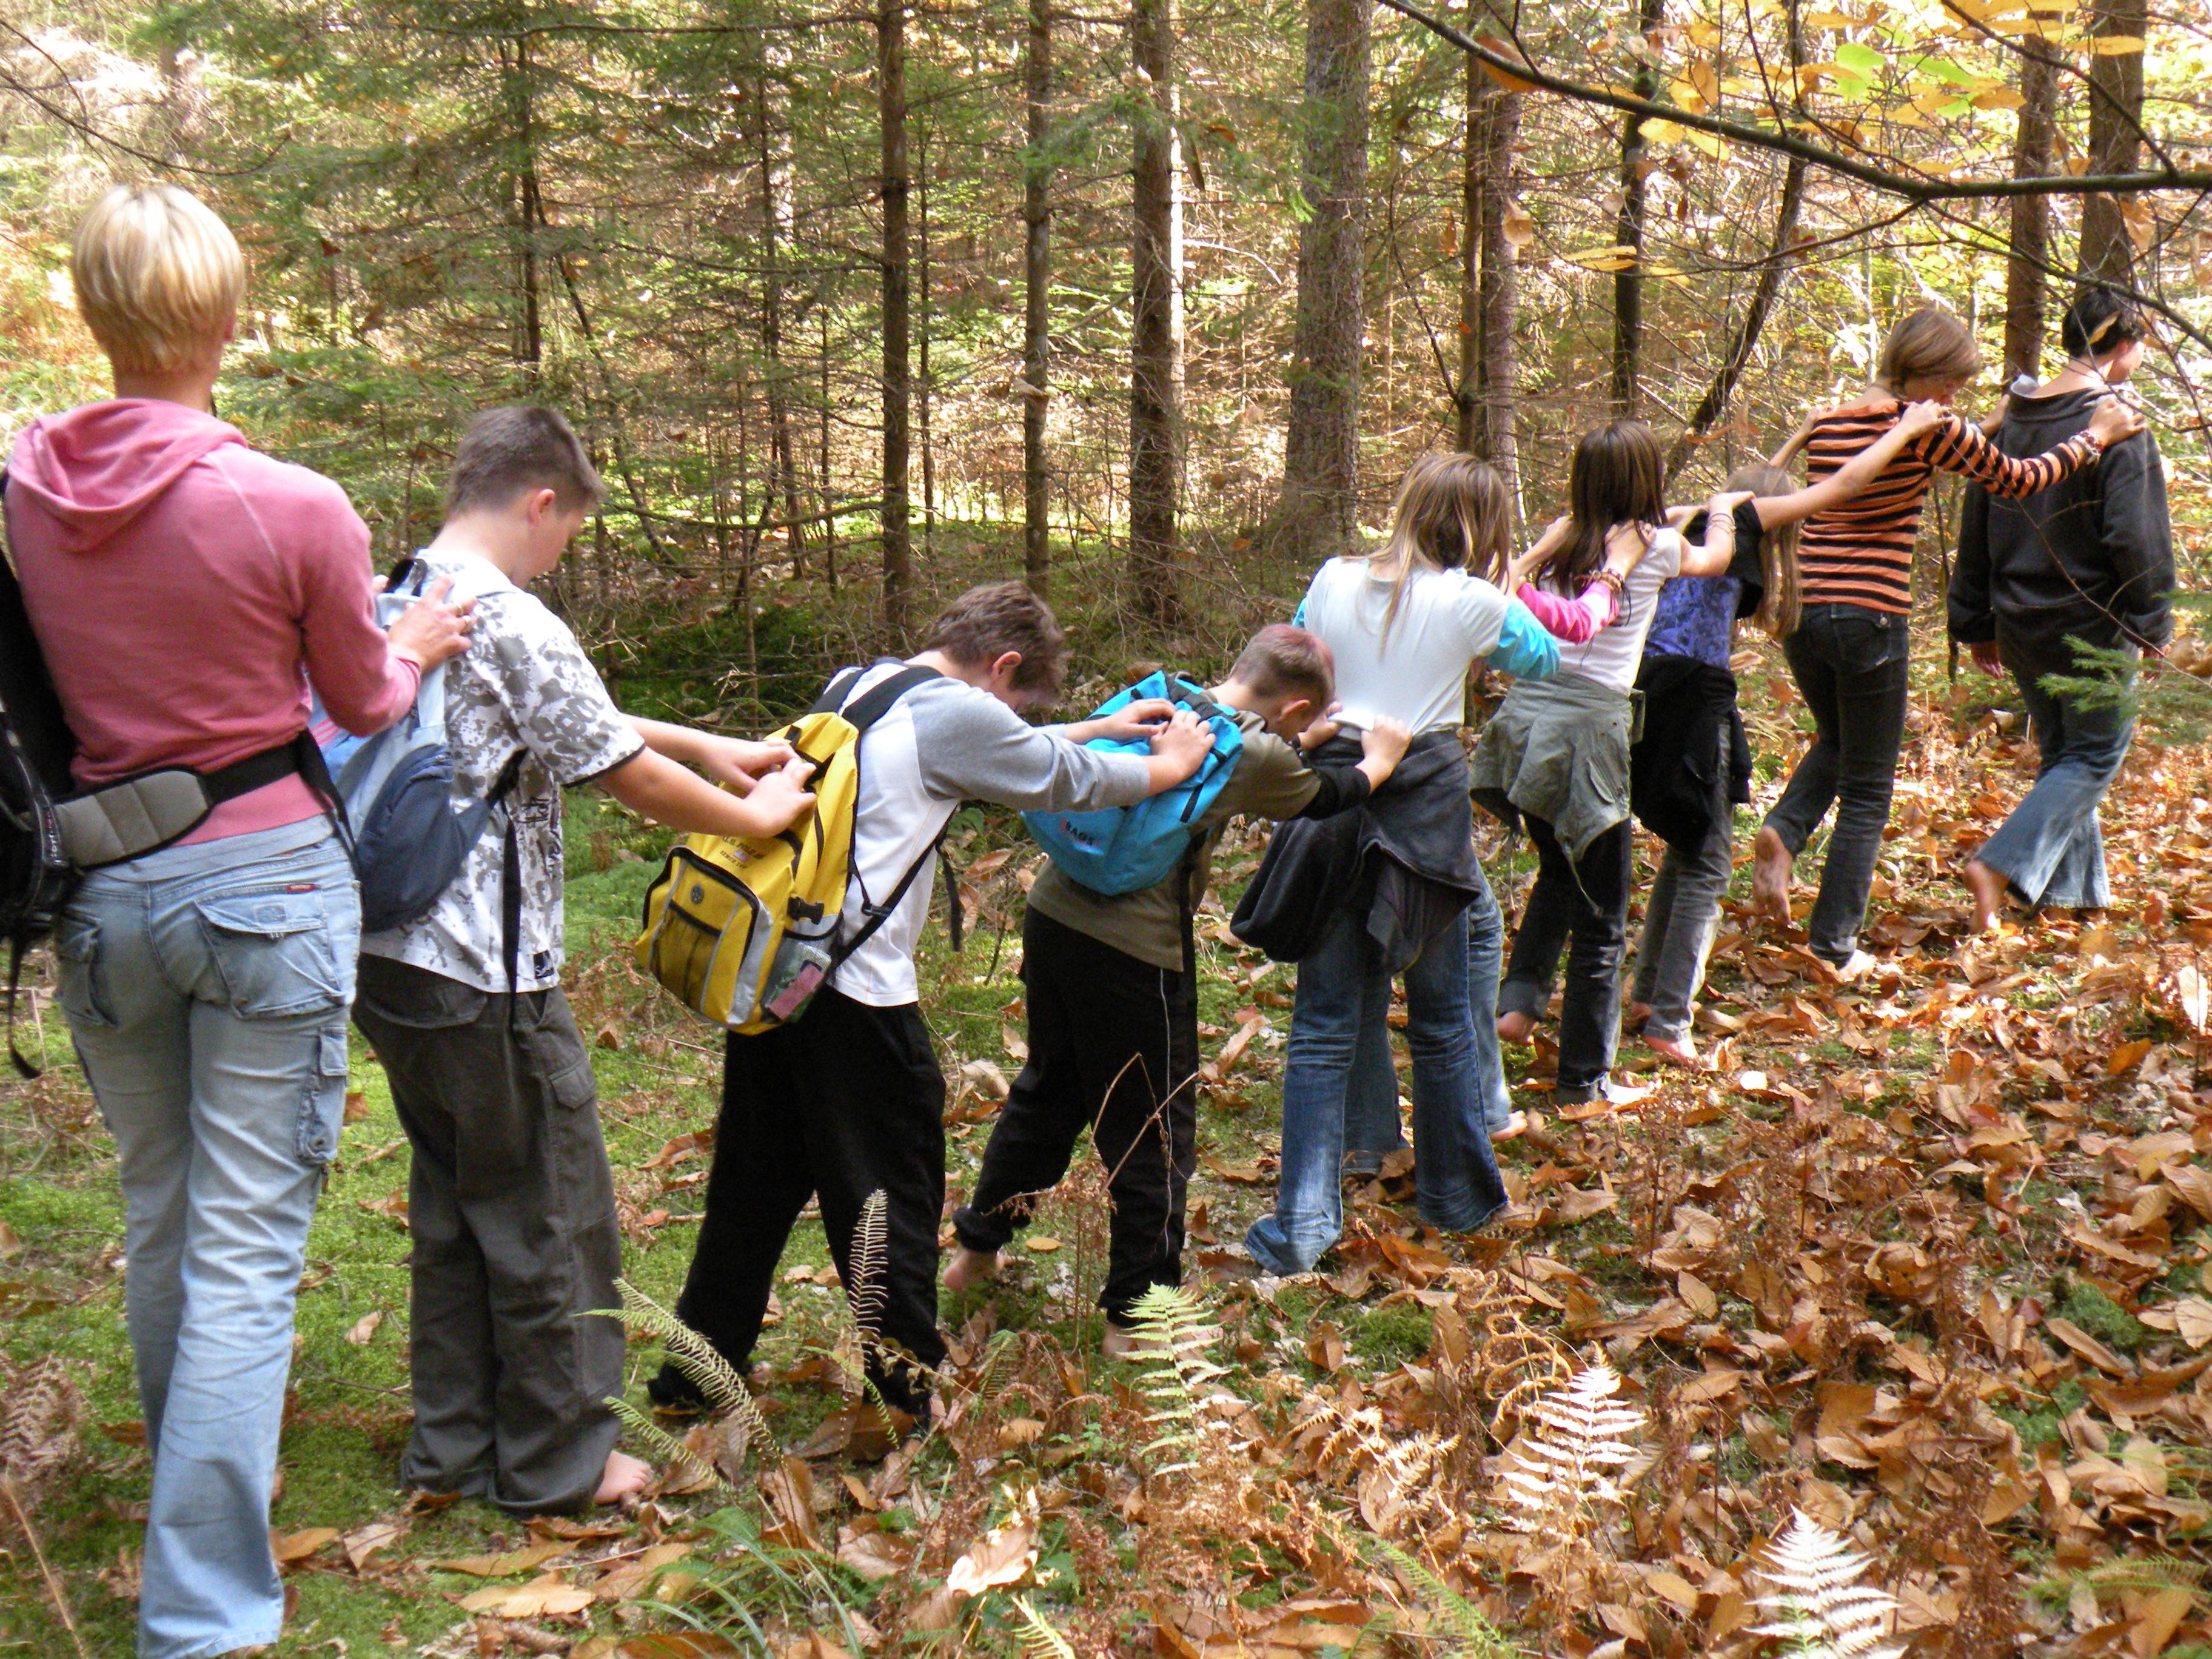 Vikend aktivnih doživetij narave in podeželja v Udin borštu – 9.5. do 11.5.2014 – udeležba je brezplačna